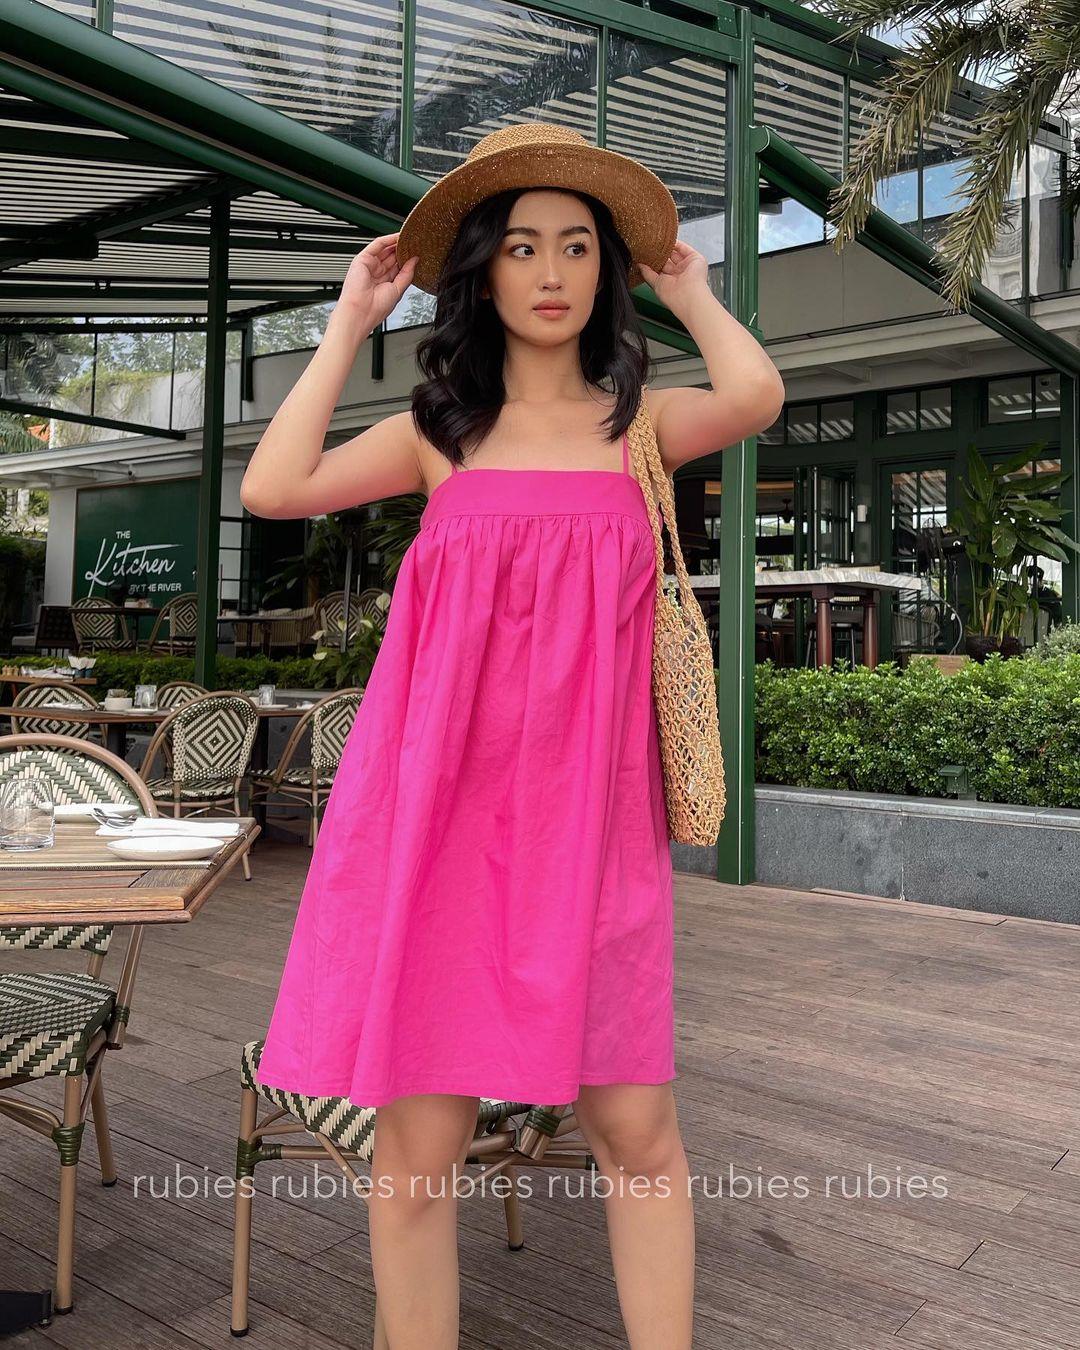 Chỉ từ 240k sắm váy hở lưng xinh yêu sexy lại mát rượi chấp hết nắng nóng Sài Gòn - Ảnh 6.